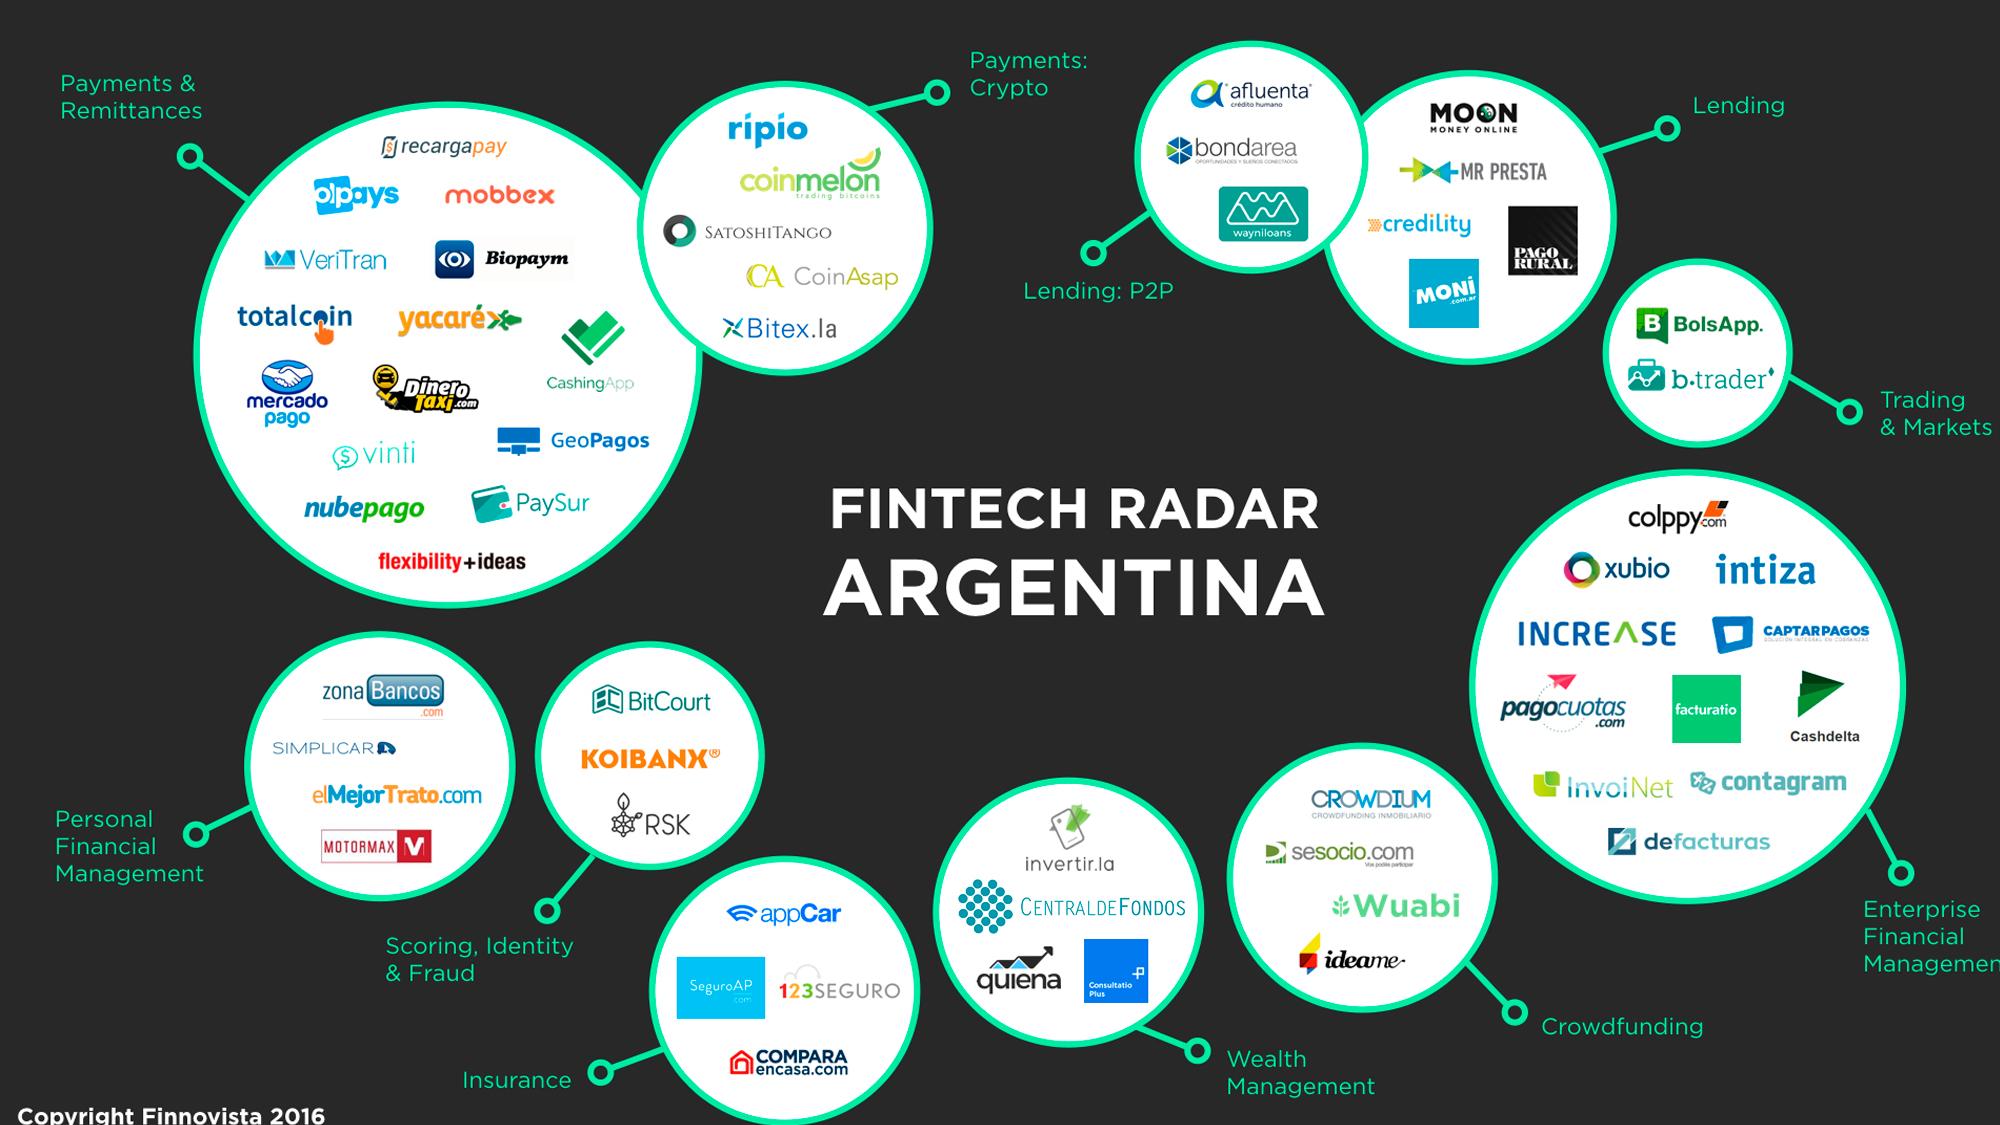 Argentina-Fintech-Radar.001